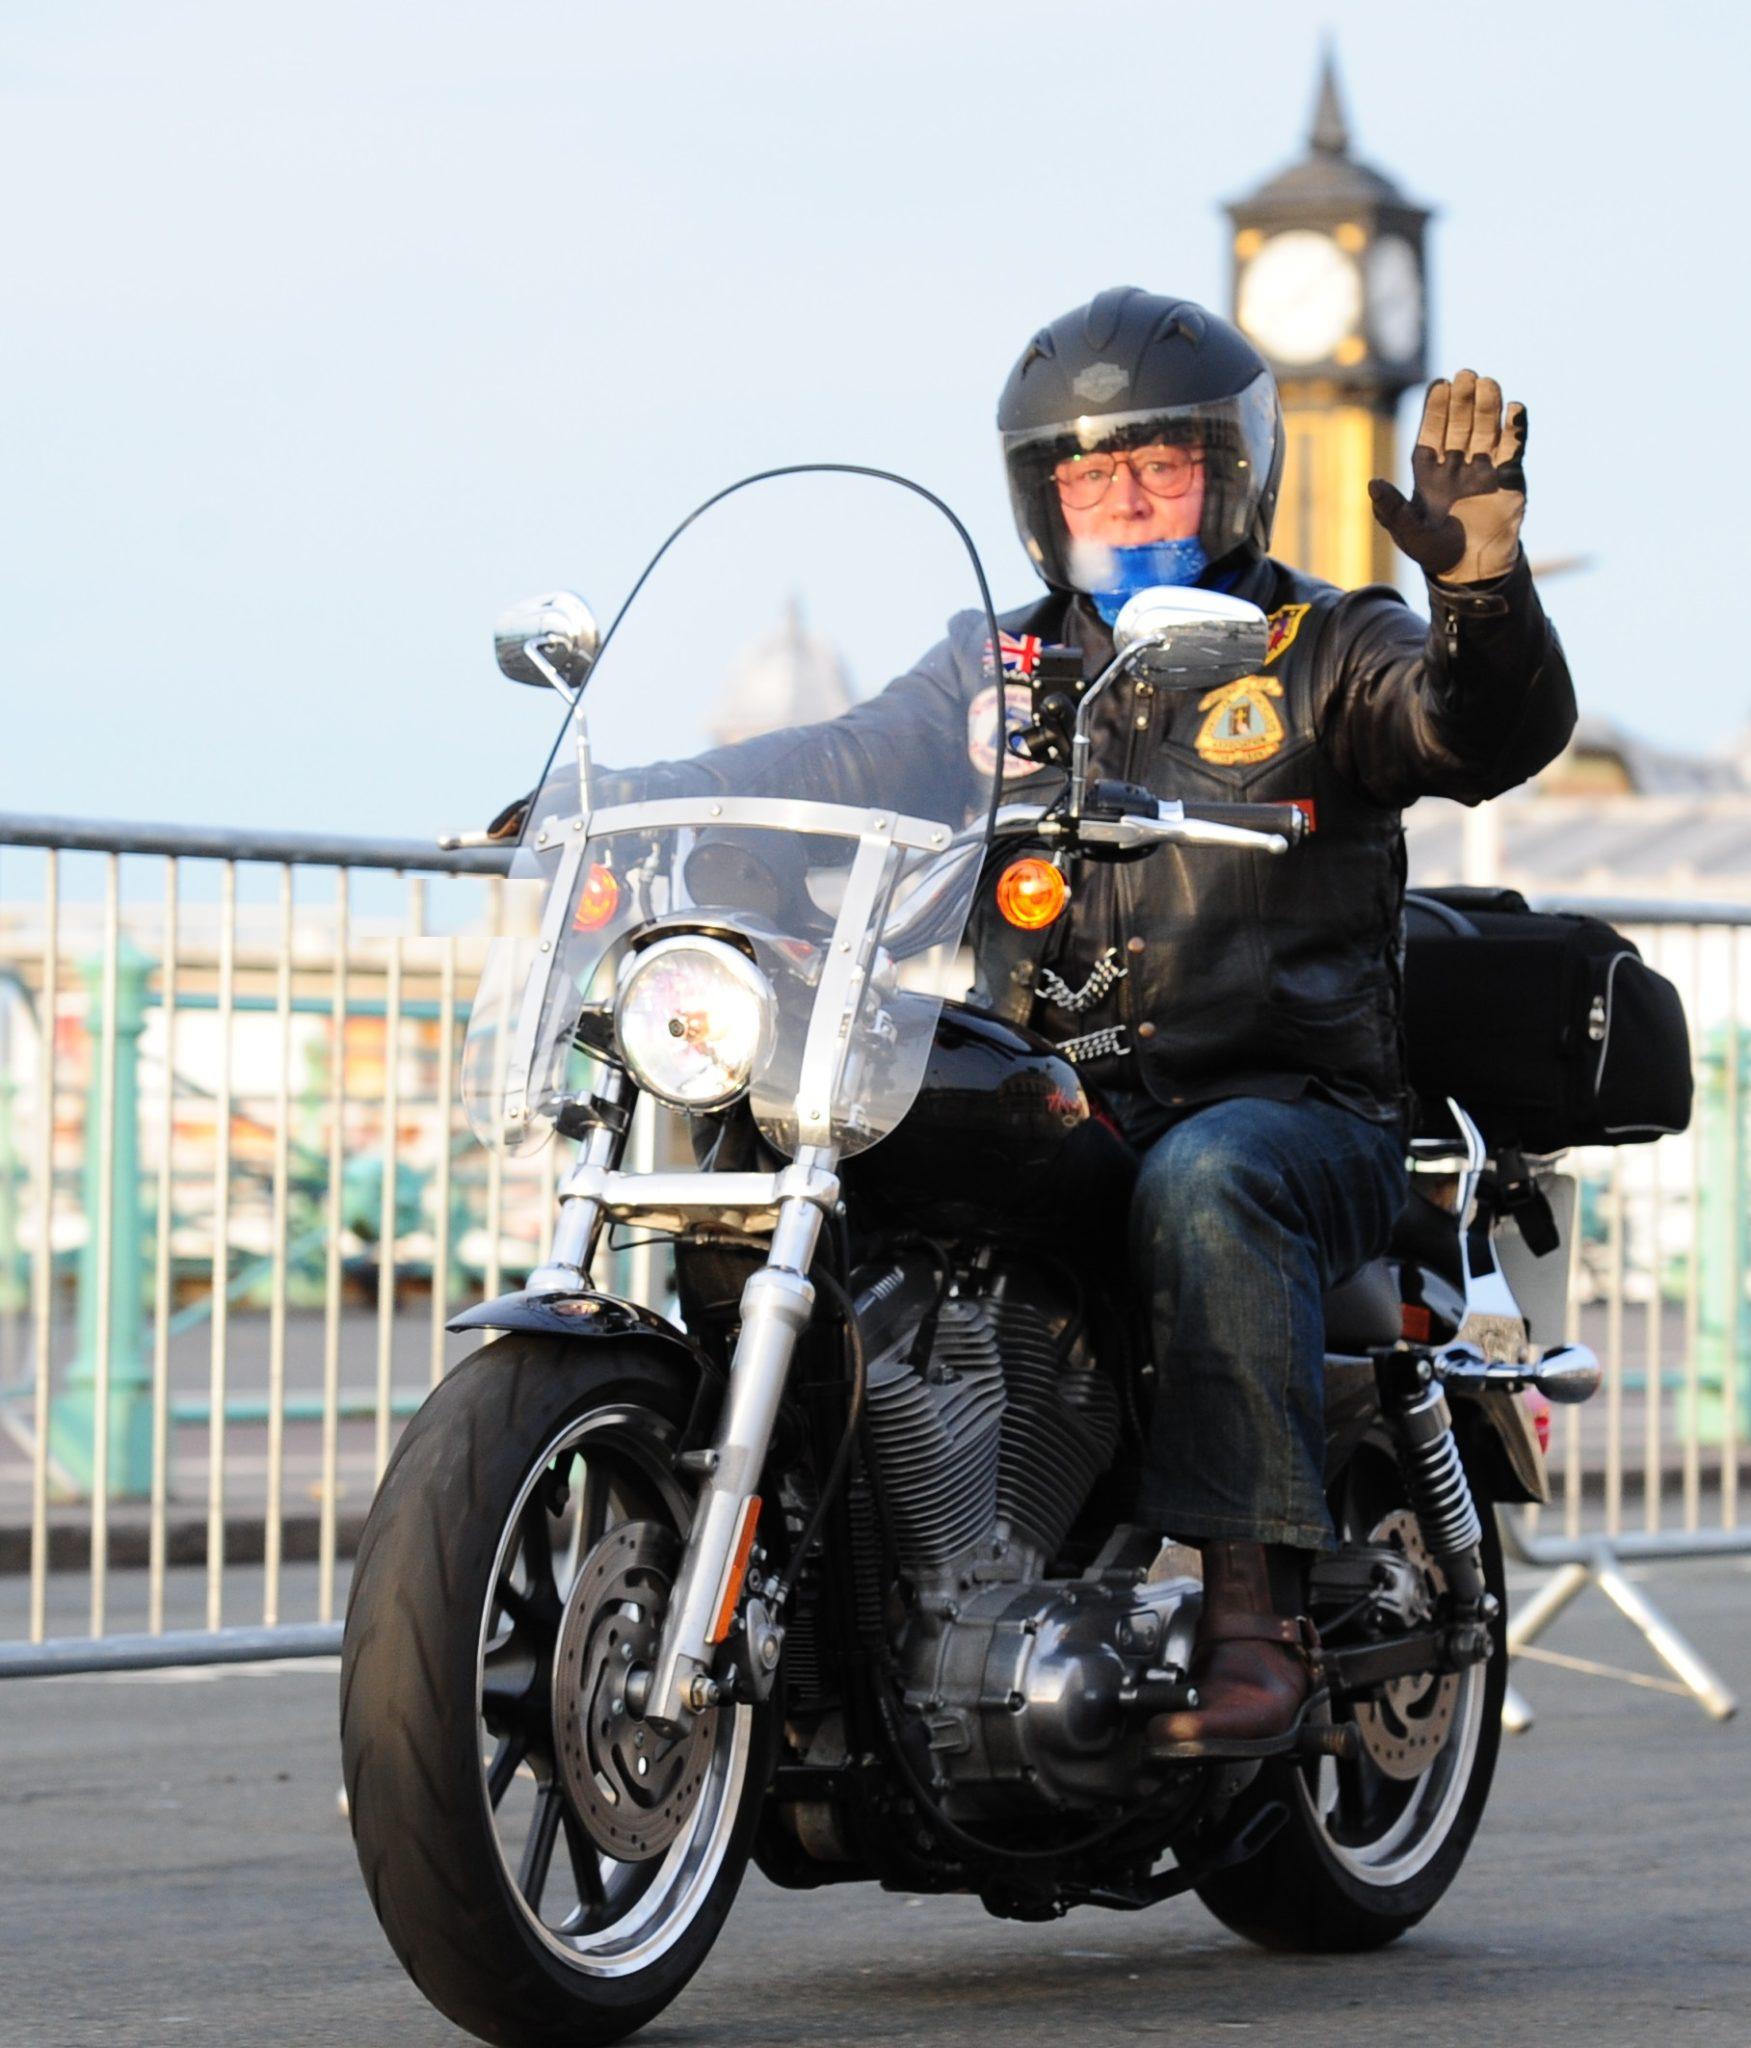 Bob Draper – Harley Davidson Sportster 883